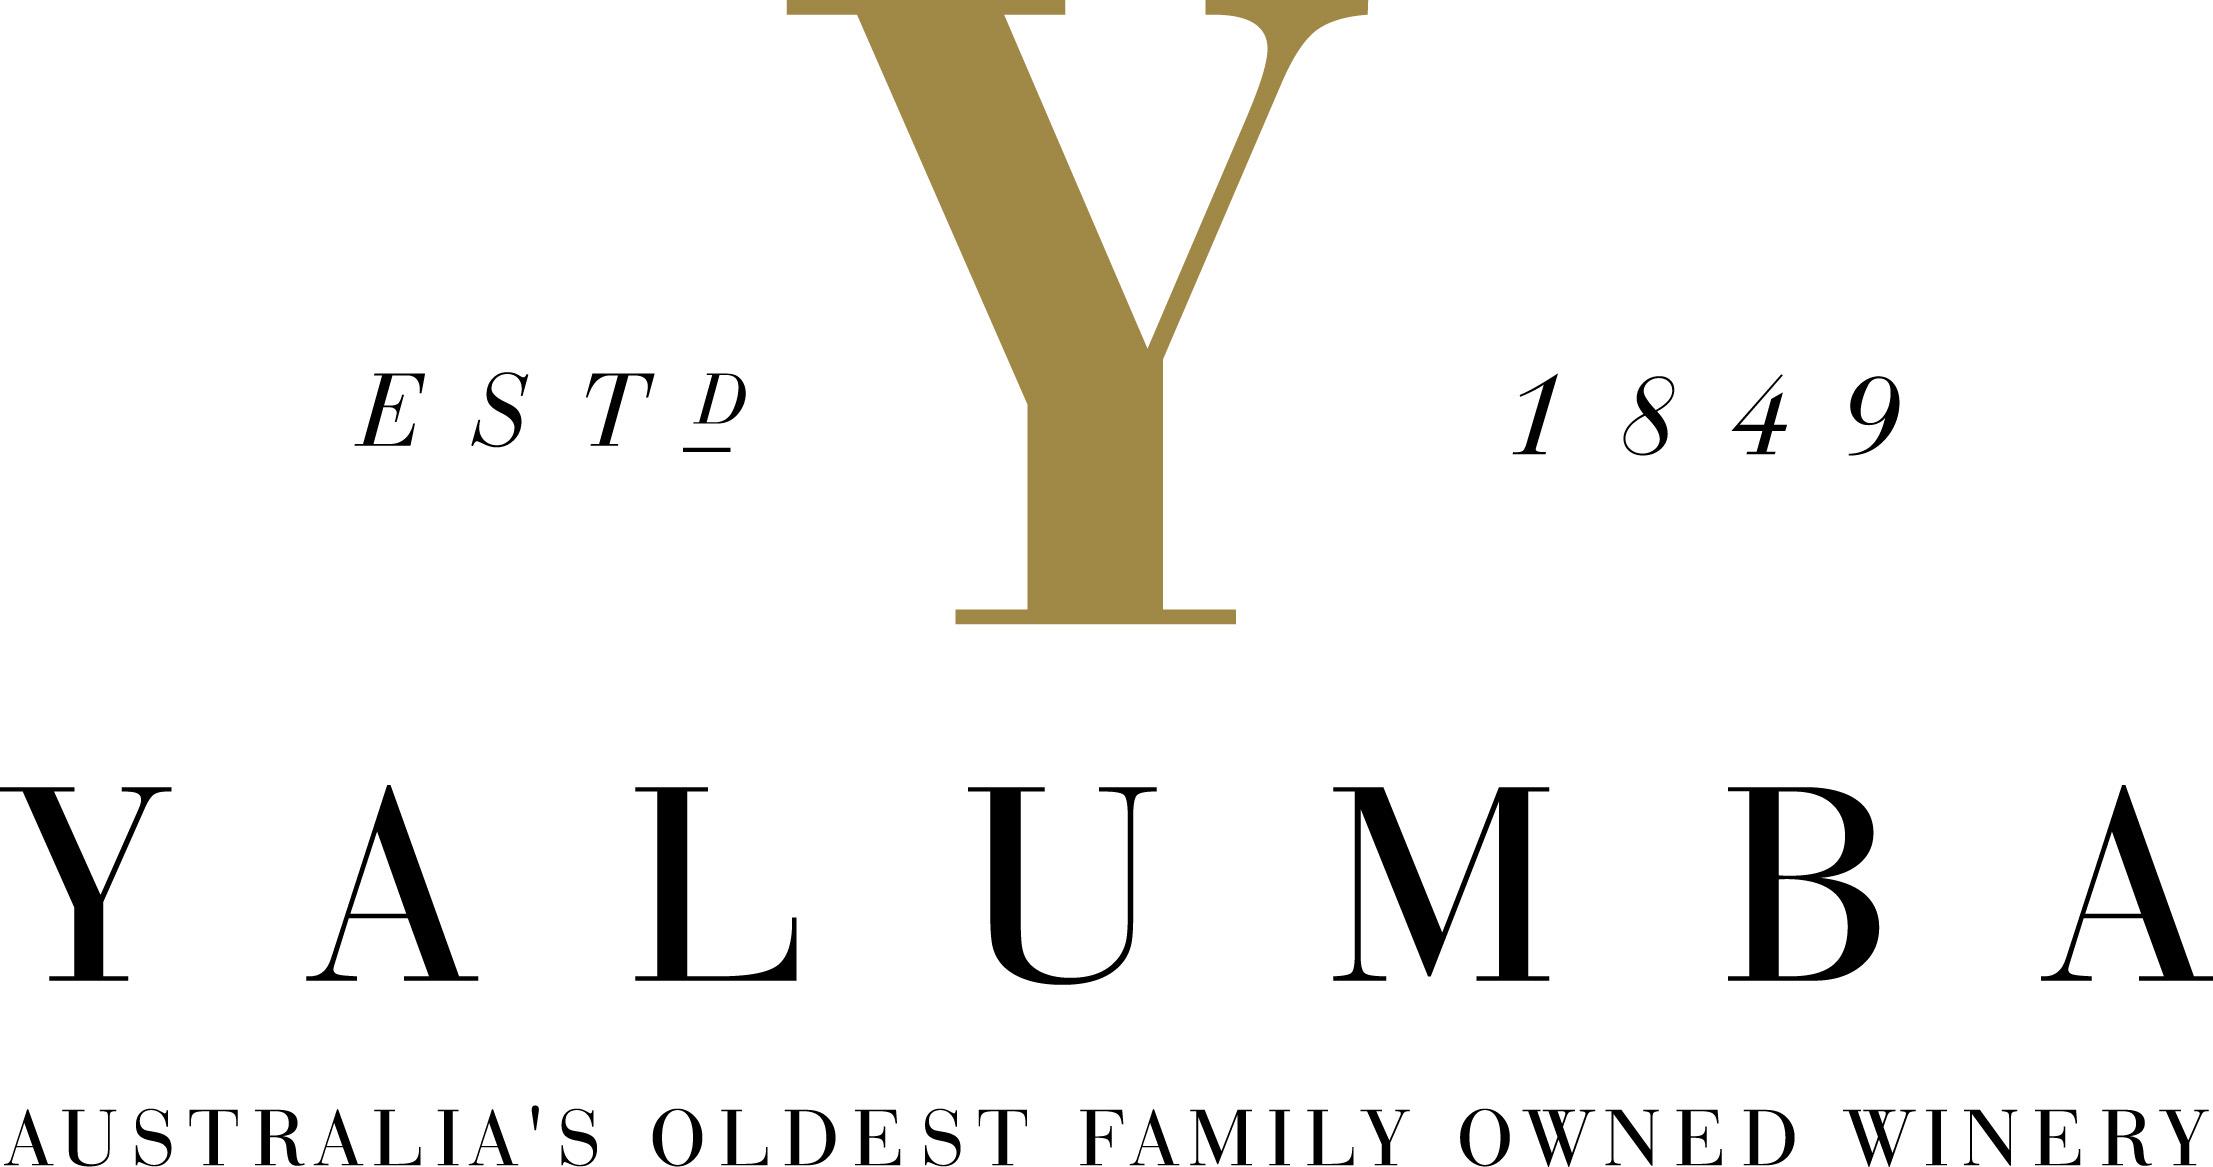 sponsor-yalumba-logo.jpg